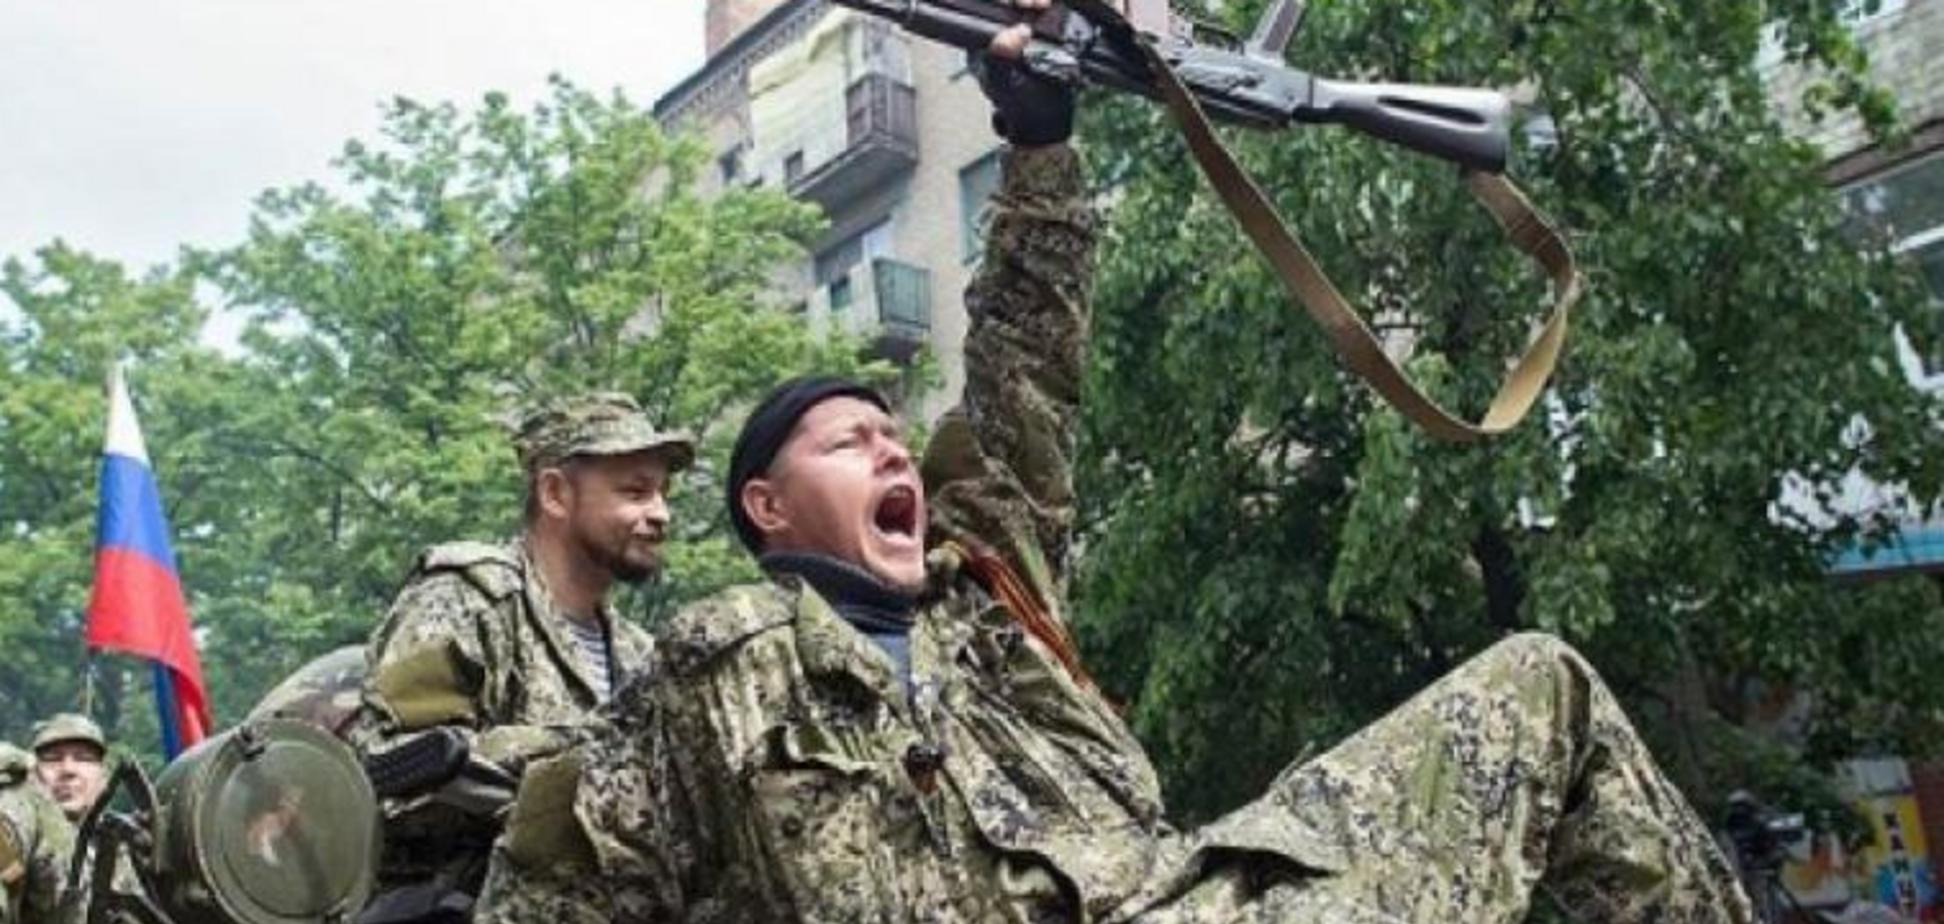 Вбивство українських військових на Донбасі: в 'ДНР' зробили цинічну заяву